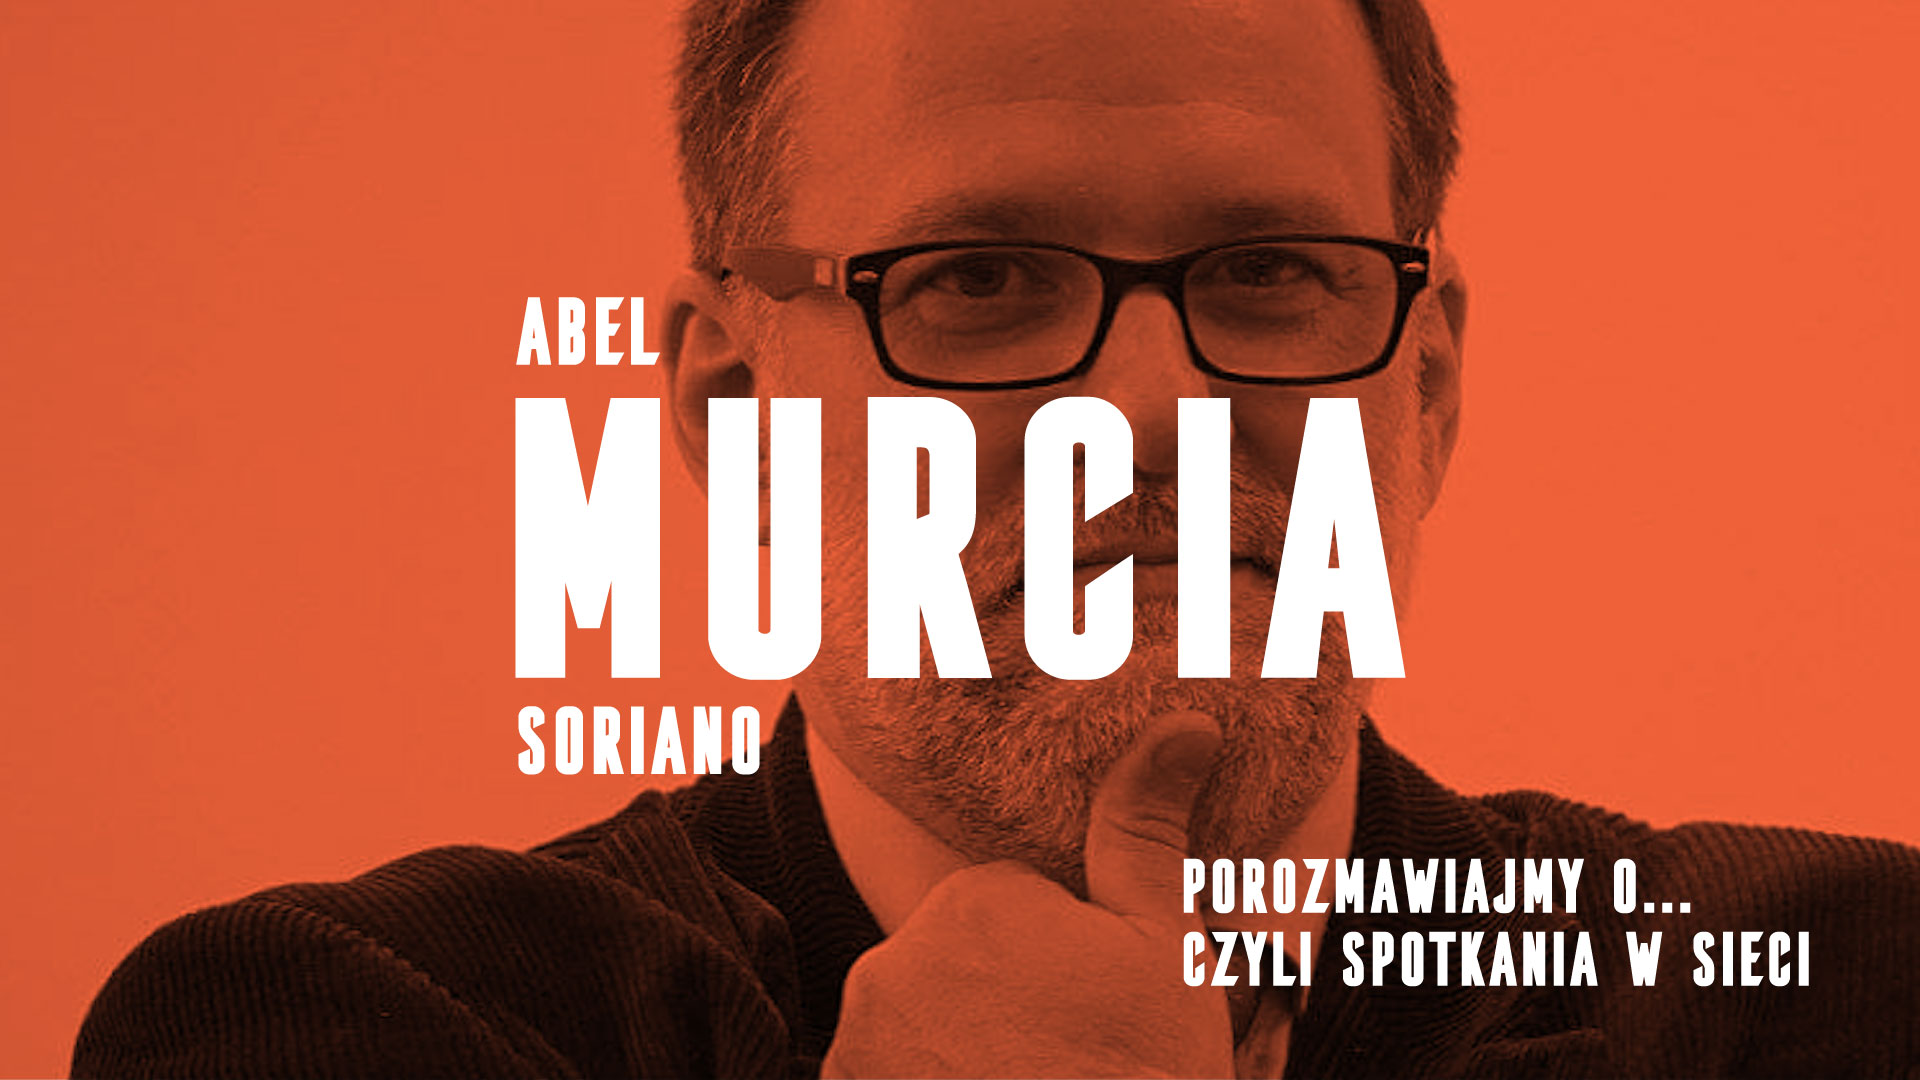 Porozmawiajmy o… czyli spotkania w sieci. Abel Murcia Soriano